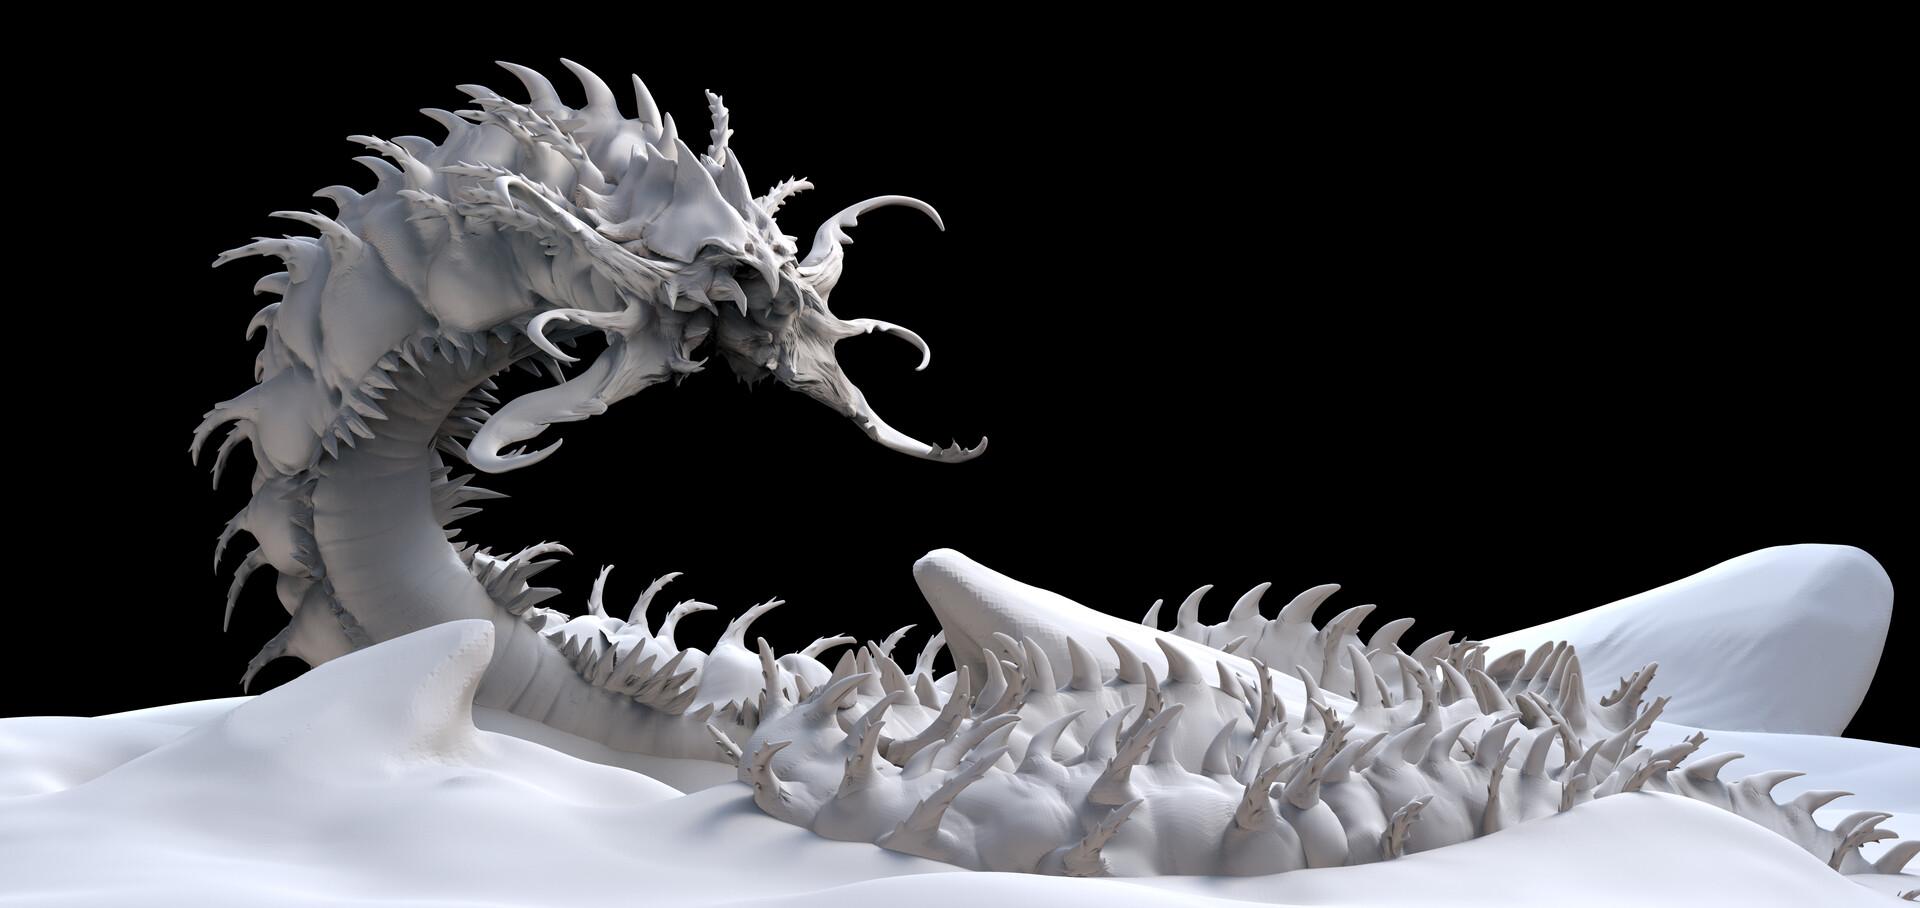 Jia hao 2019 vampworm render